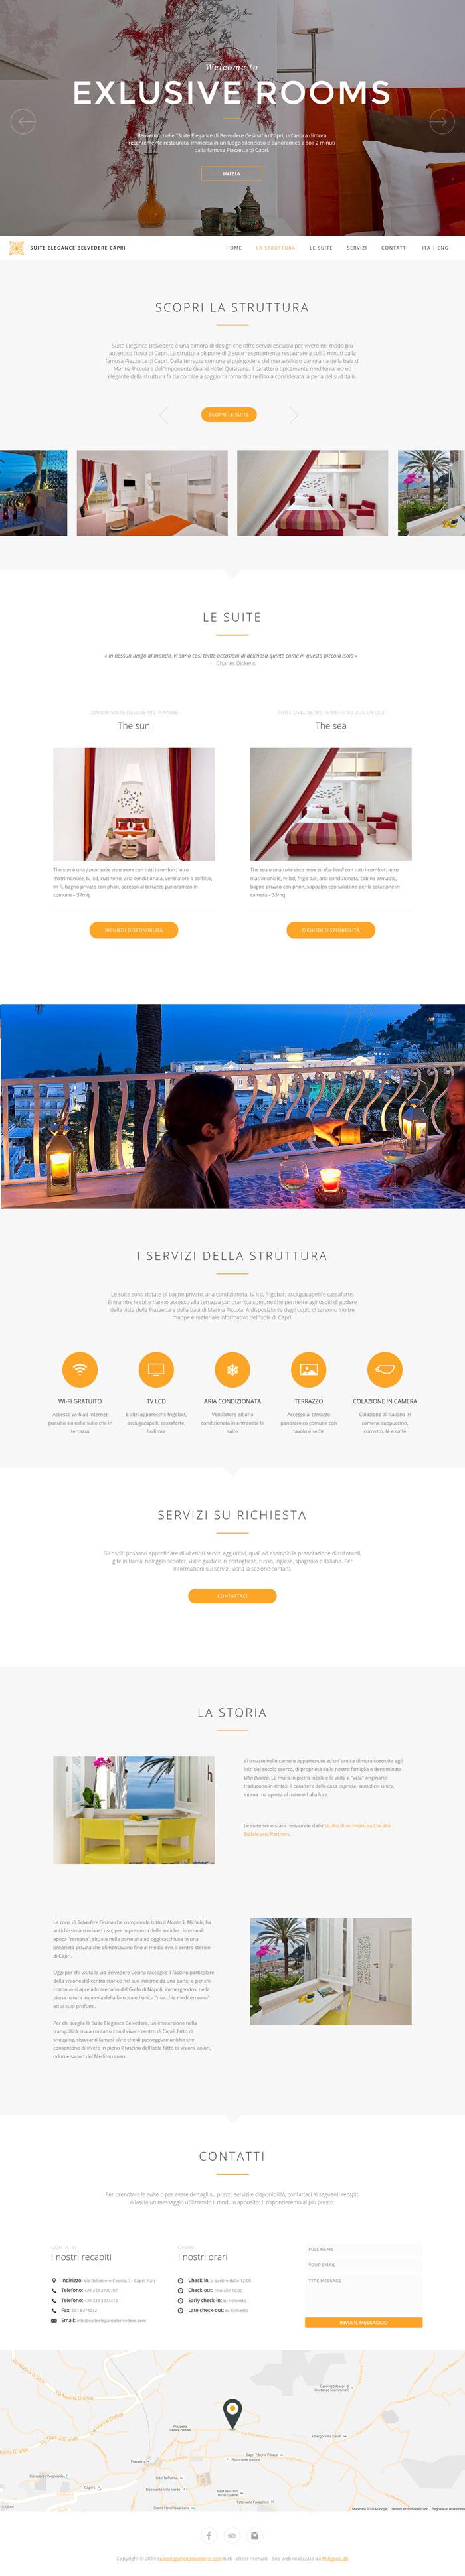 suite-elegance-belvedere-capri-sito-web-per-strutture-turistiche